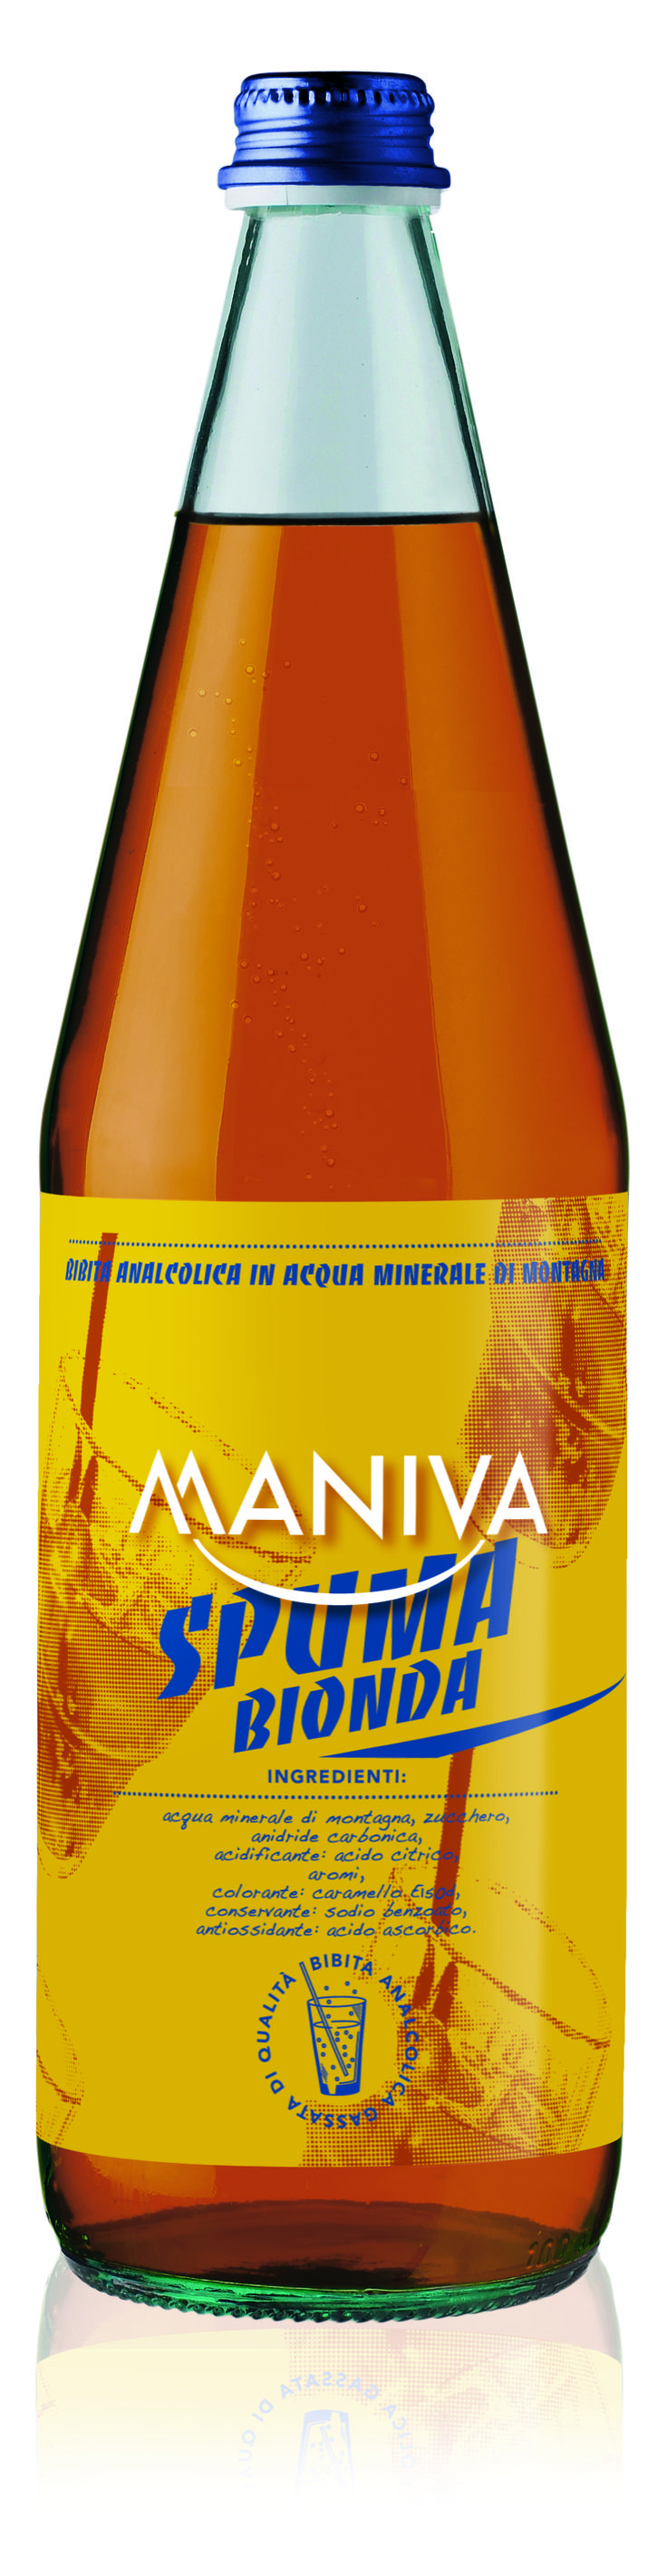 SPUMA BIONDA Bibita analcolica frizzante, di alta qualità garantita anche dalla leggera acqua minerale di montagna di cui è composta